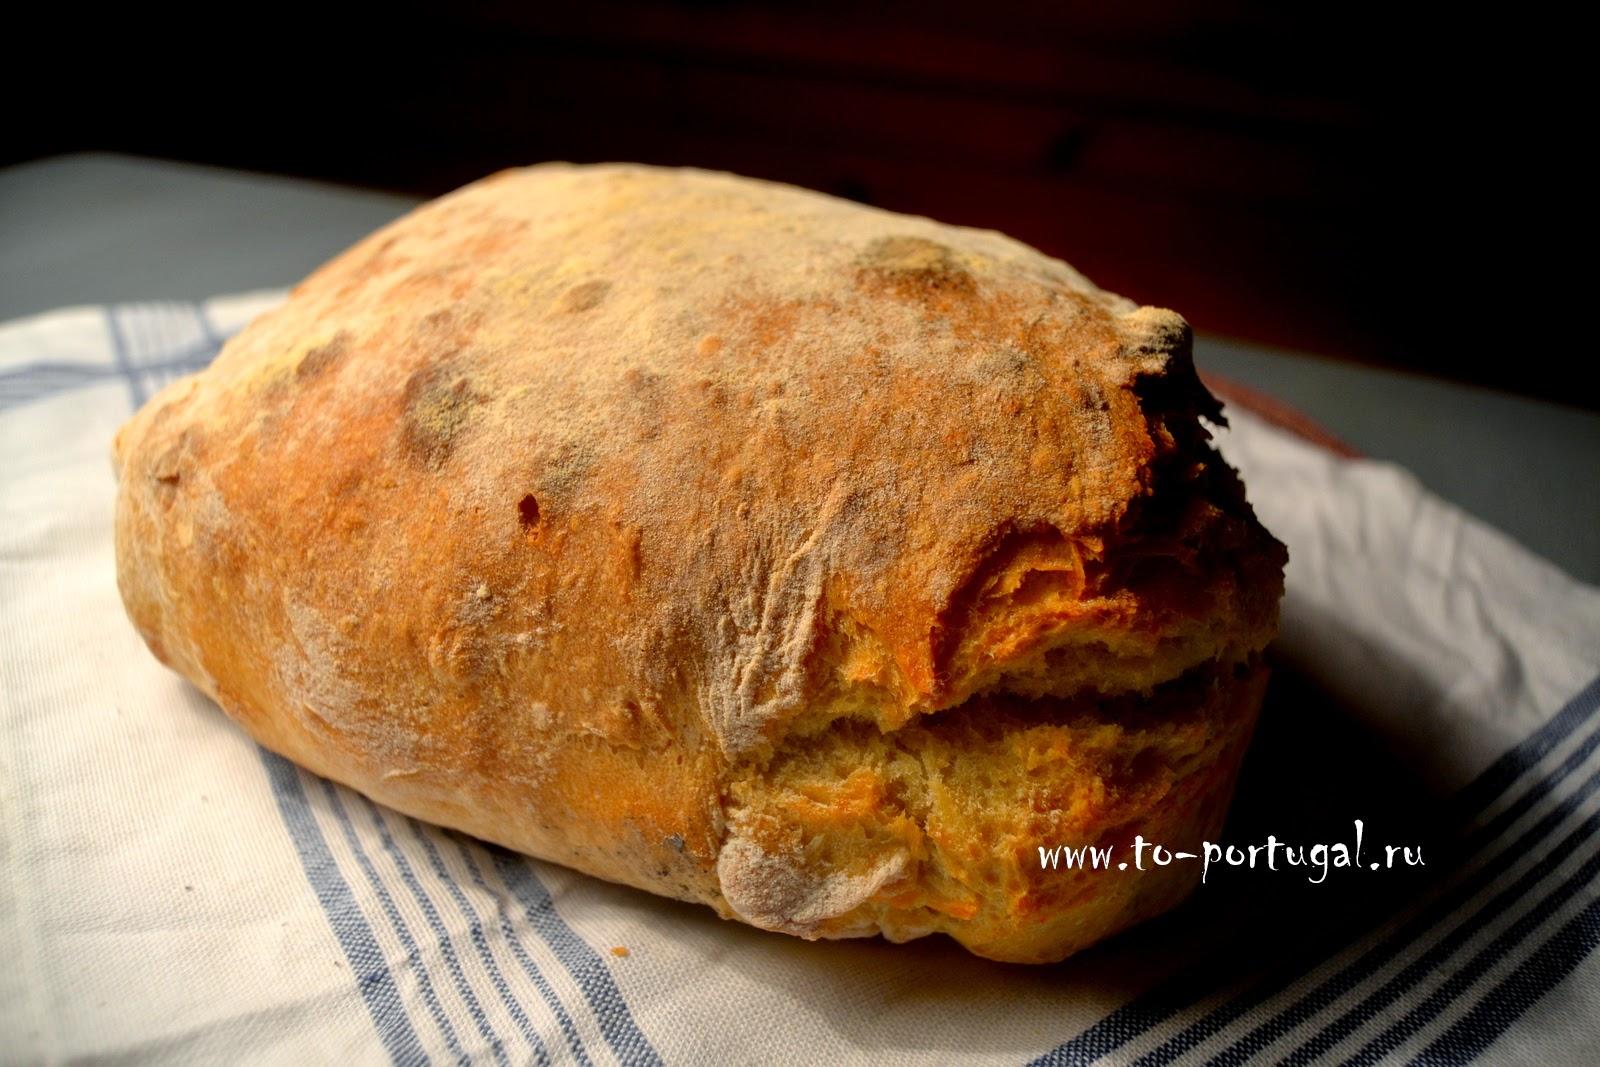 хлеб пекут в Португалии, домашний хлеб на дровах